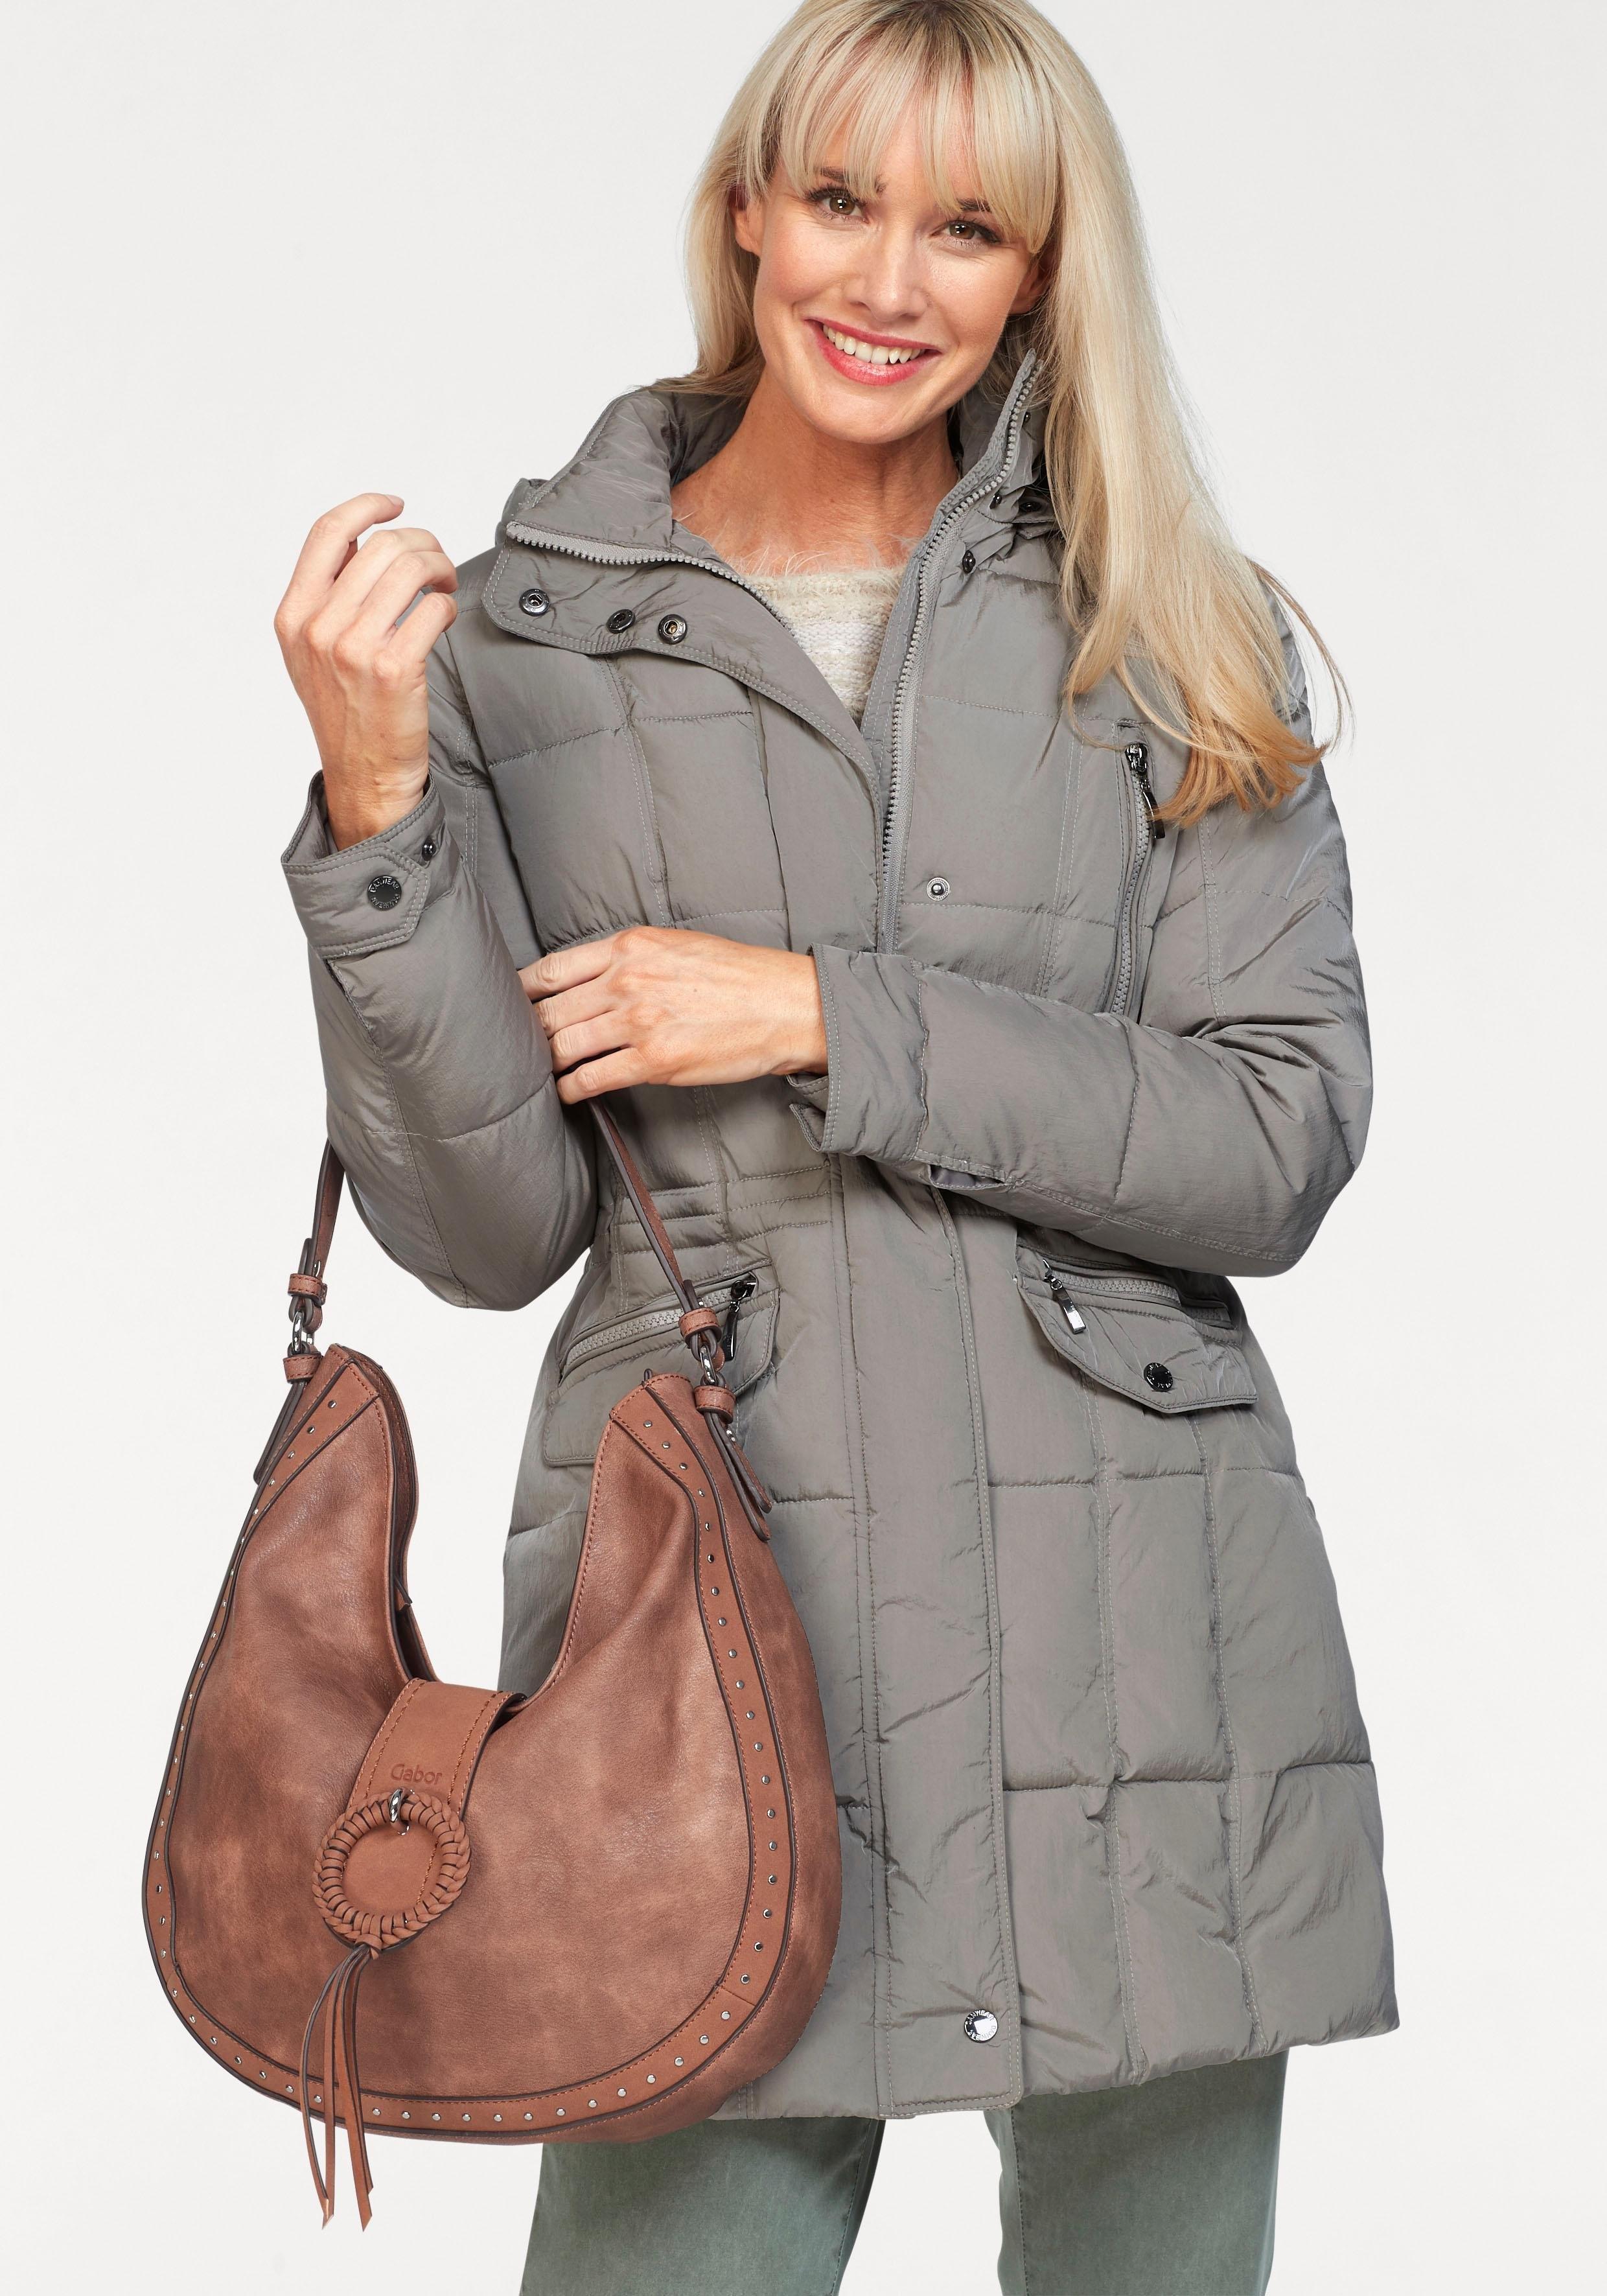 Danwear gewatteerde jas - verschillende betaalmethodes